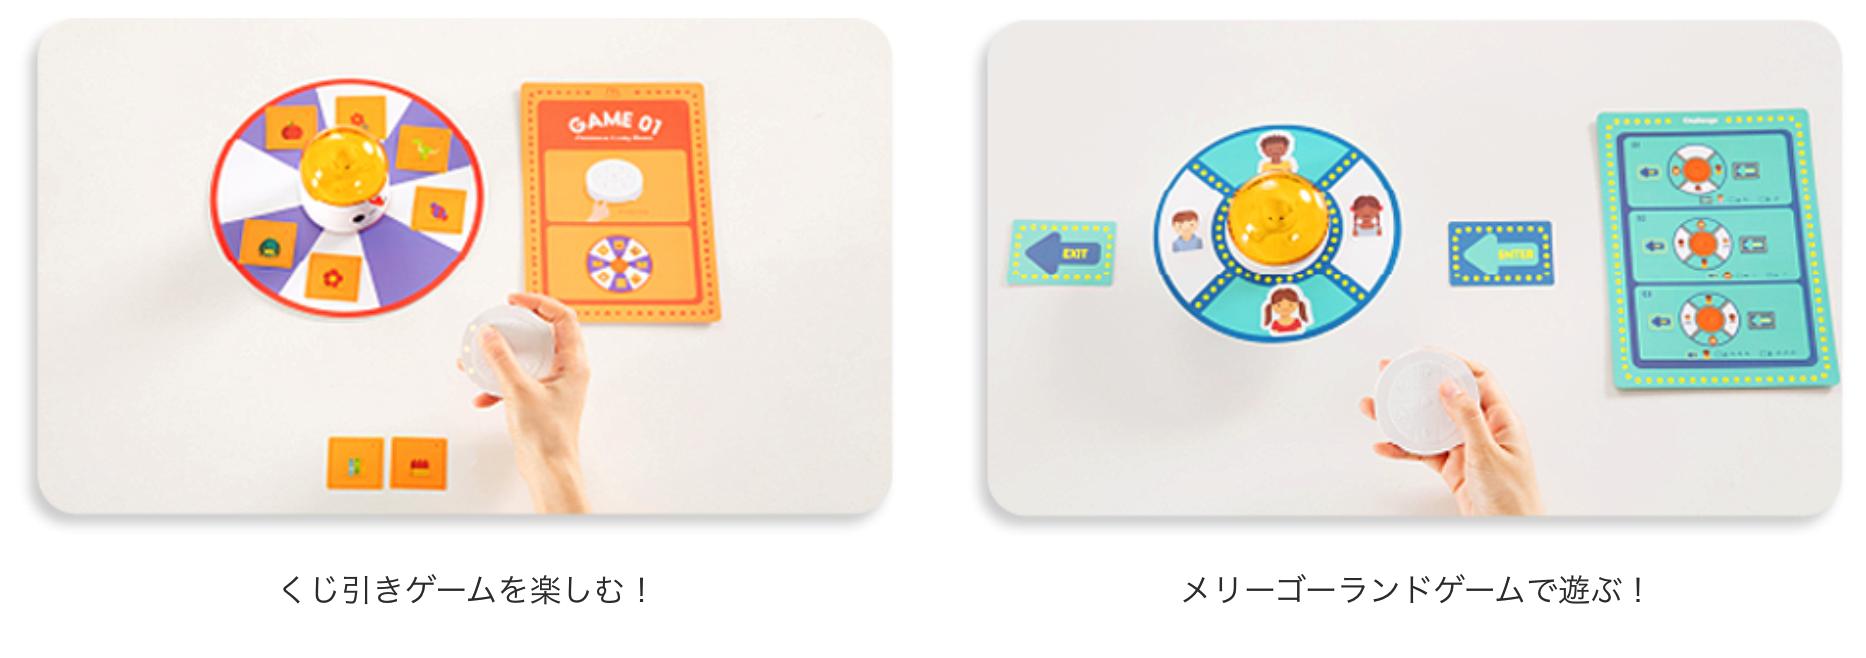 lite-jp-2